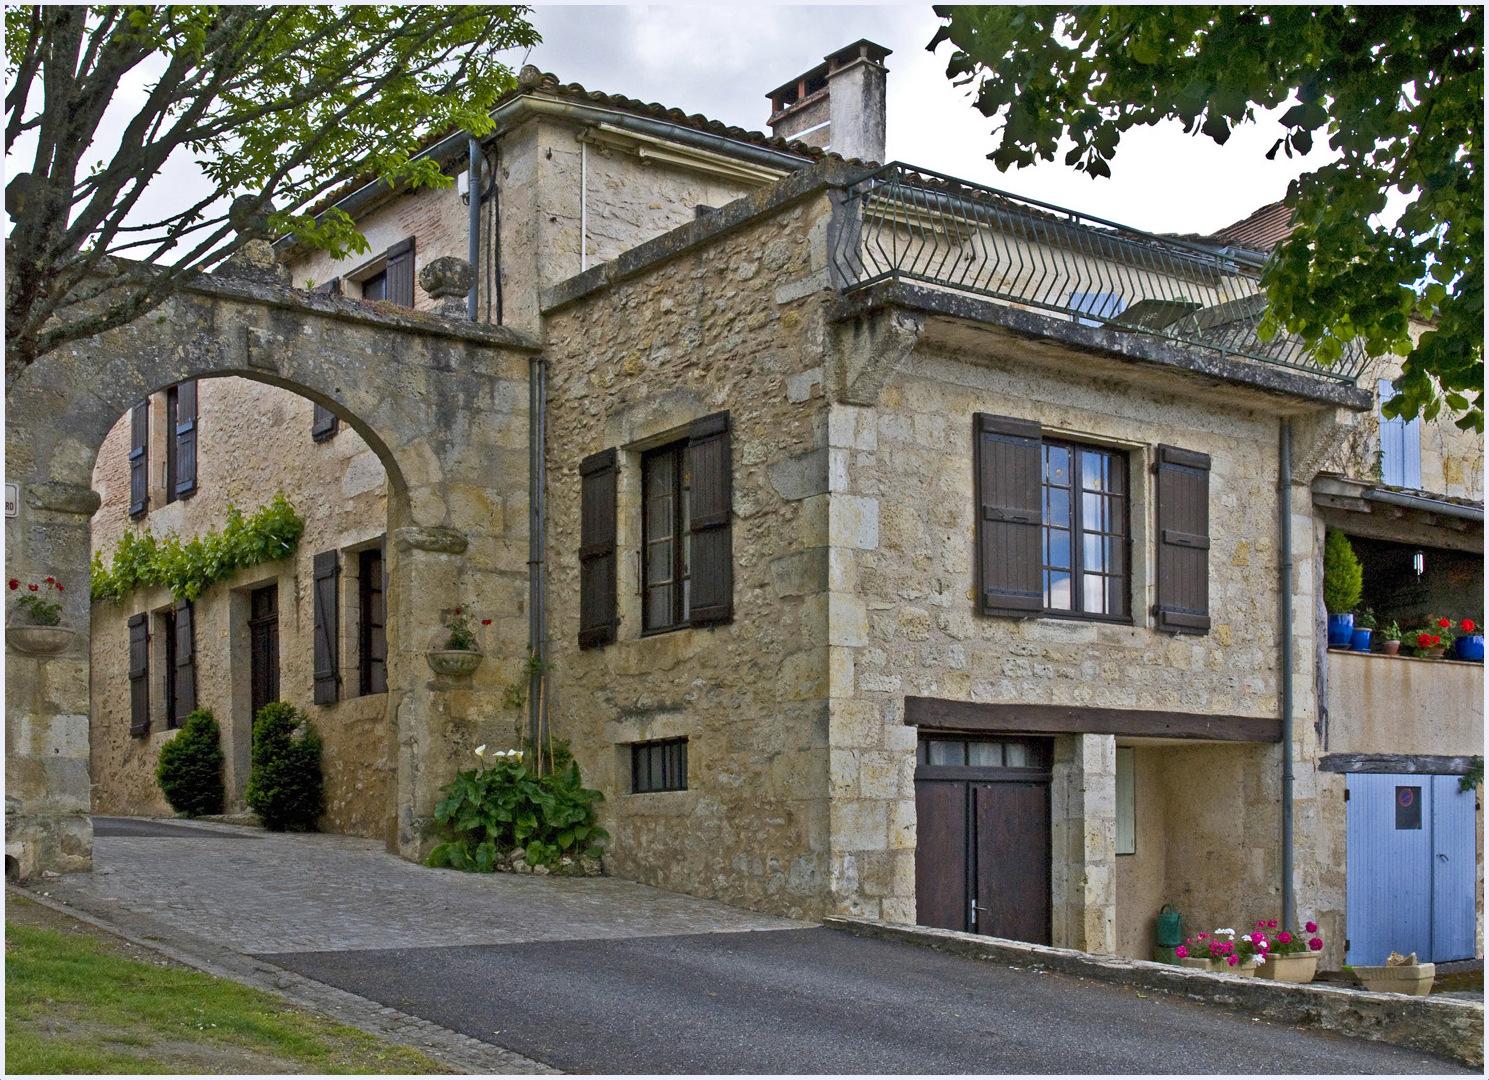 Une des portes du village fortifié de Terraube  --  Gers